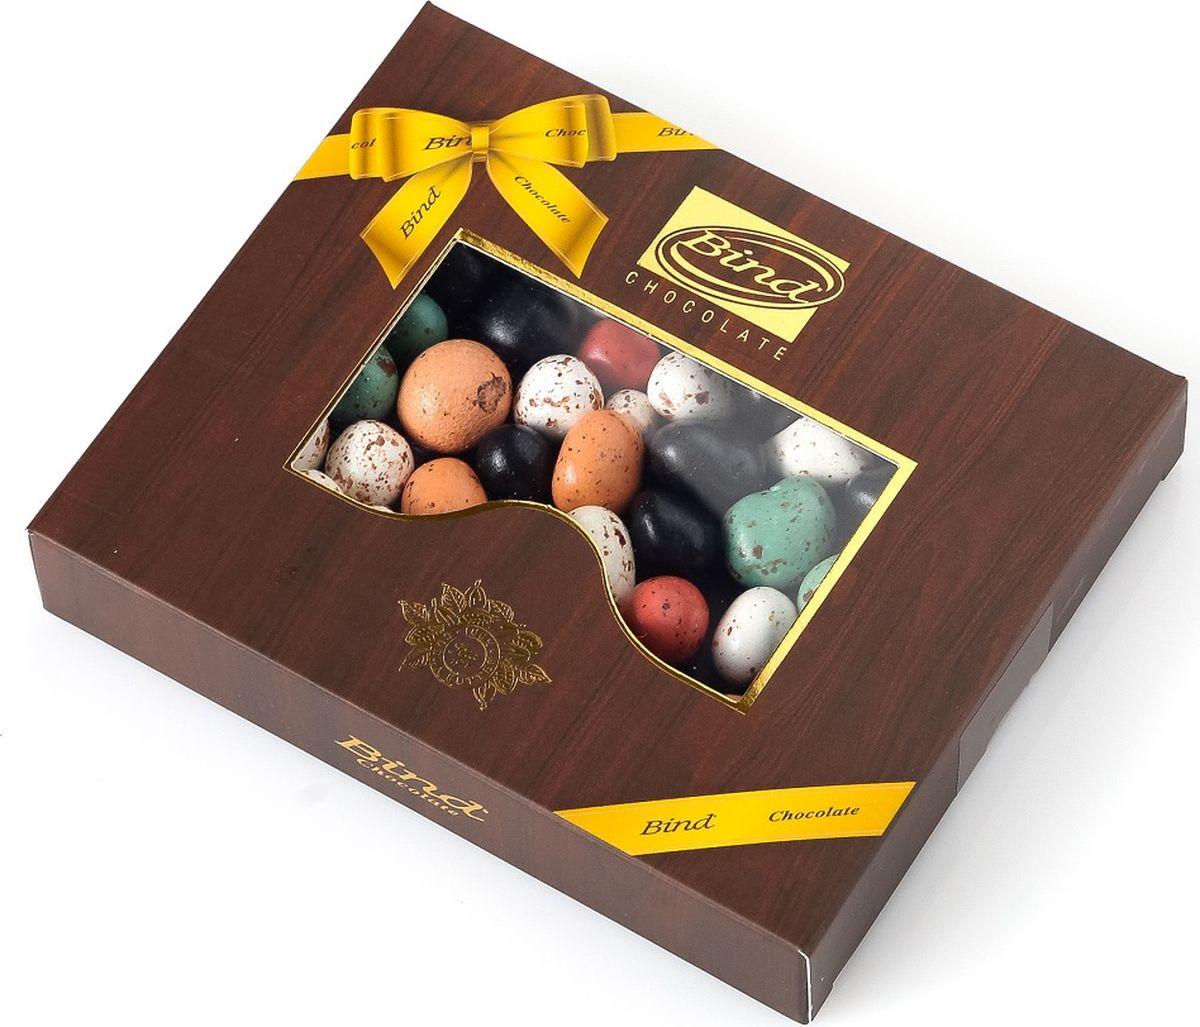 Bind шоколадный сладкий гравий с абрикосом в глазури драже, 100 гPCK-6518.100Bind Сердце - это 100% натуральная продукция ручной работы премиум класса.В составе шоколадных изделий - только качественные, натуральные дорогие ингредиенты.